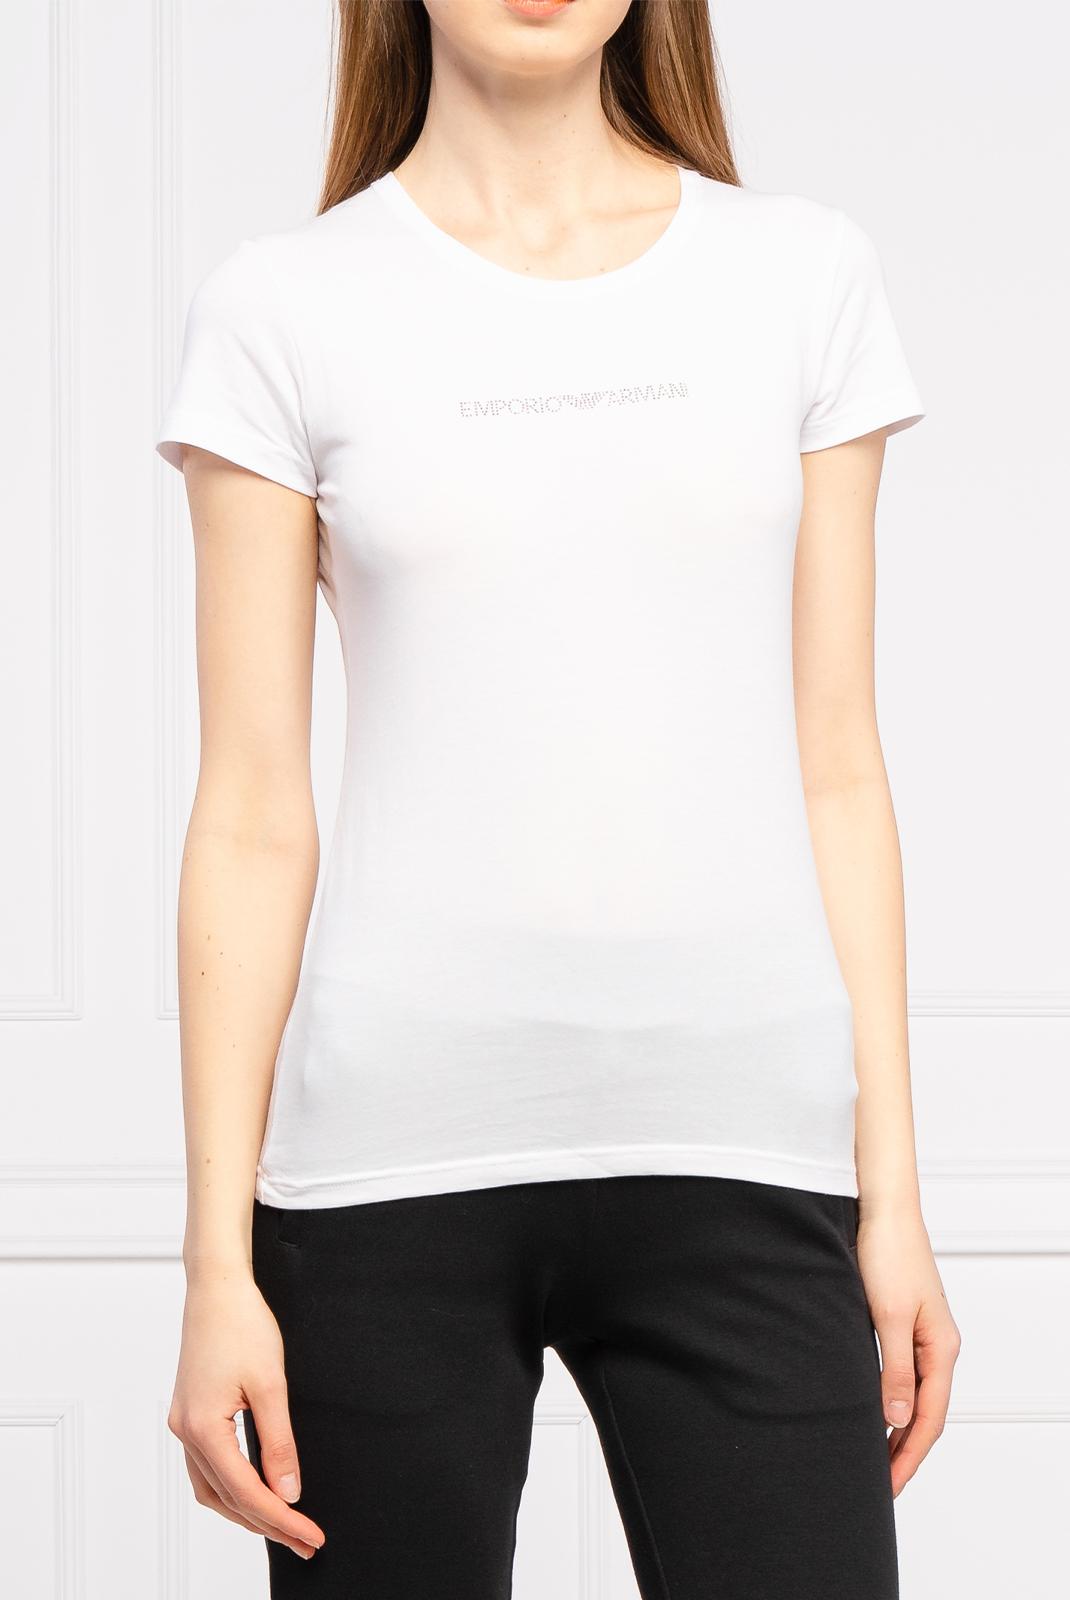 Tee shirt  Emporio armani 163139 0P263 00010 BIANCO